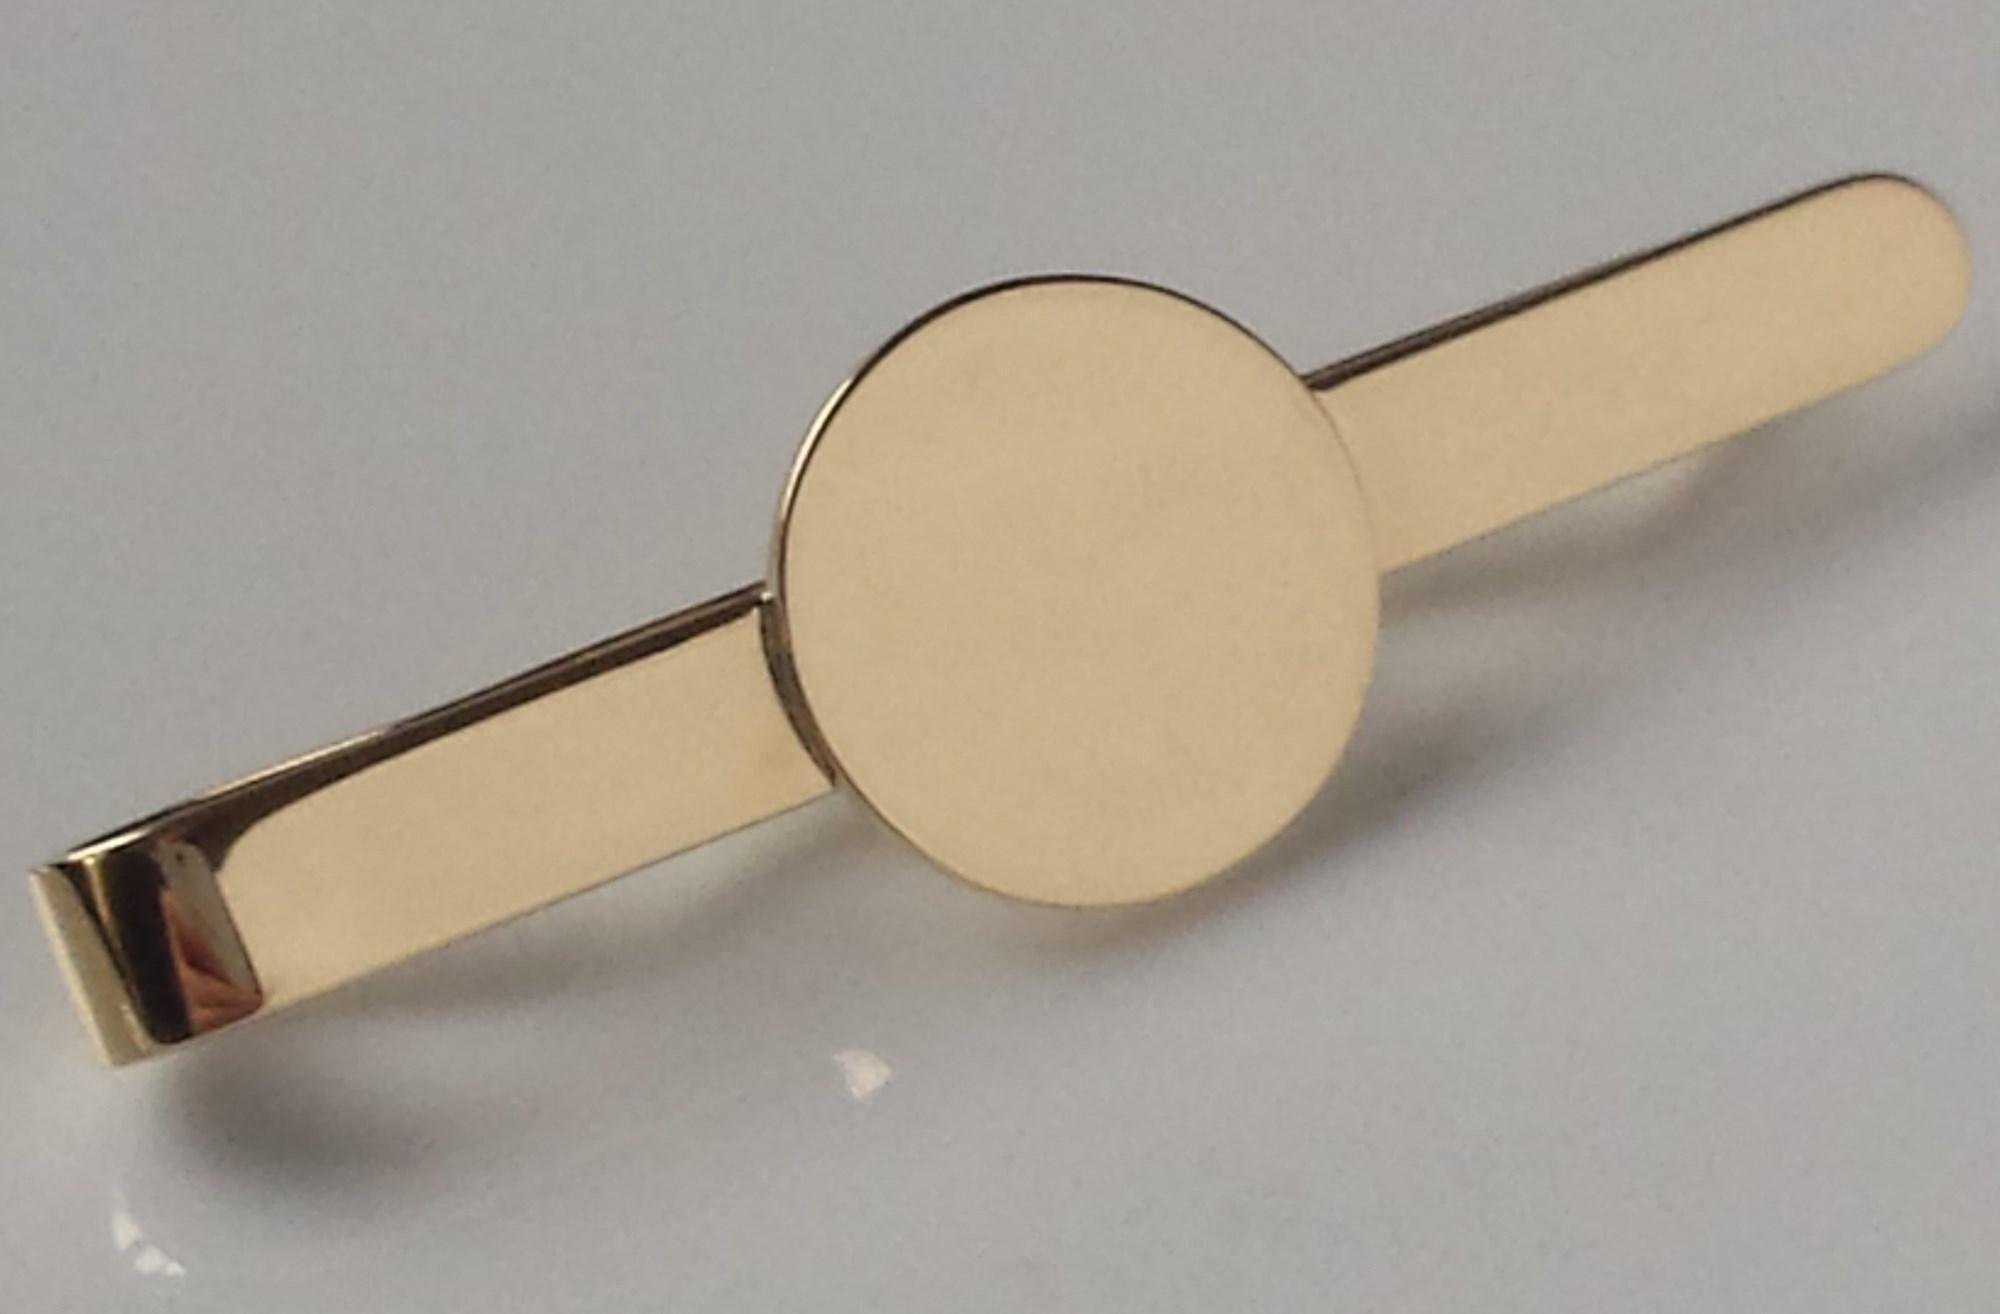 solid gold tie clip